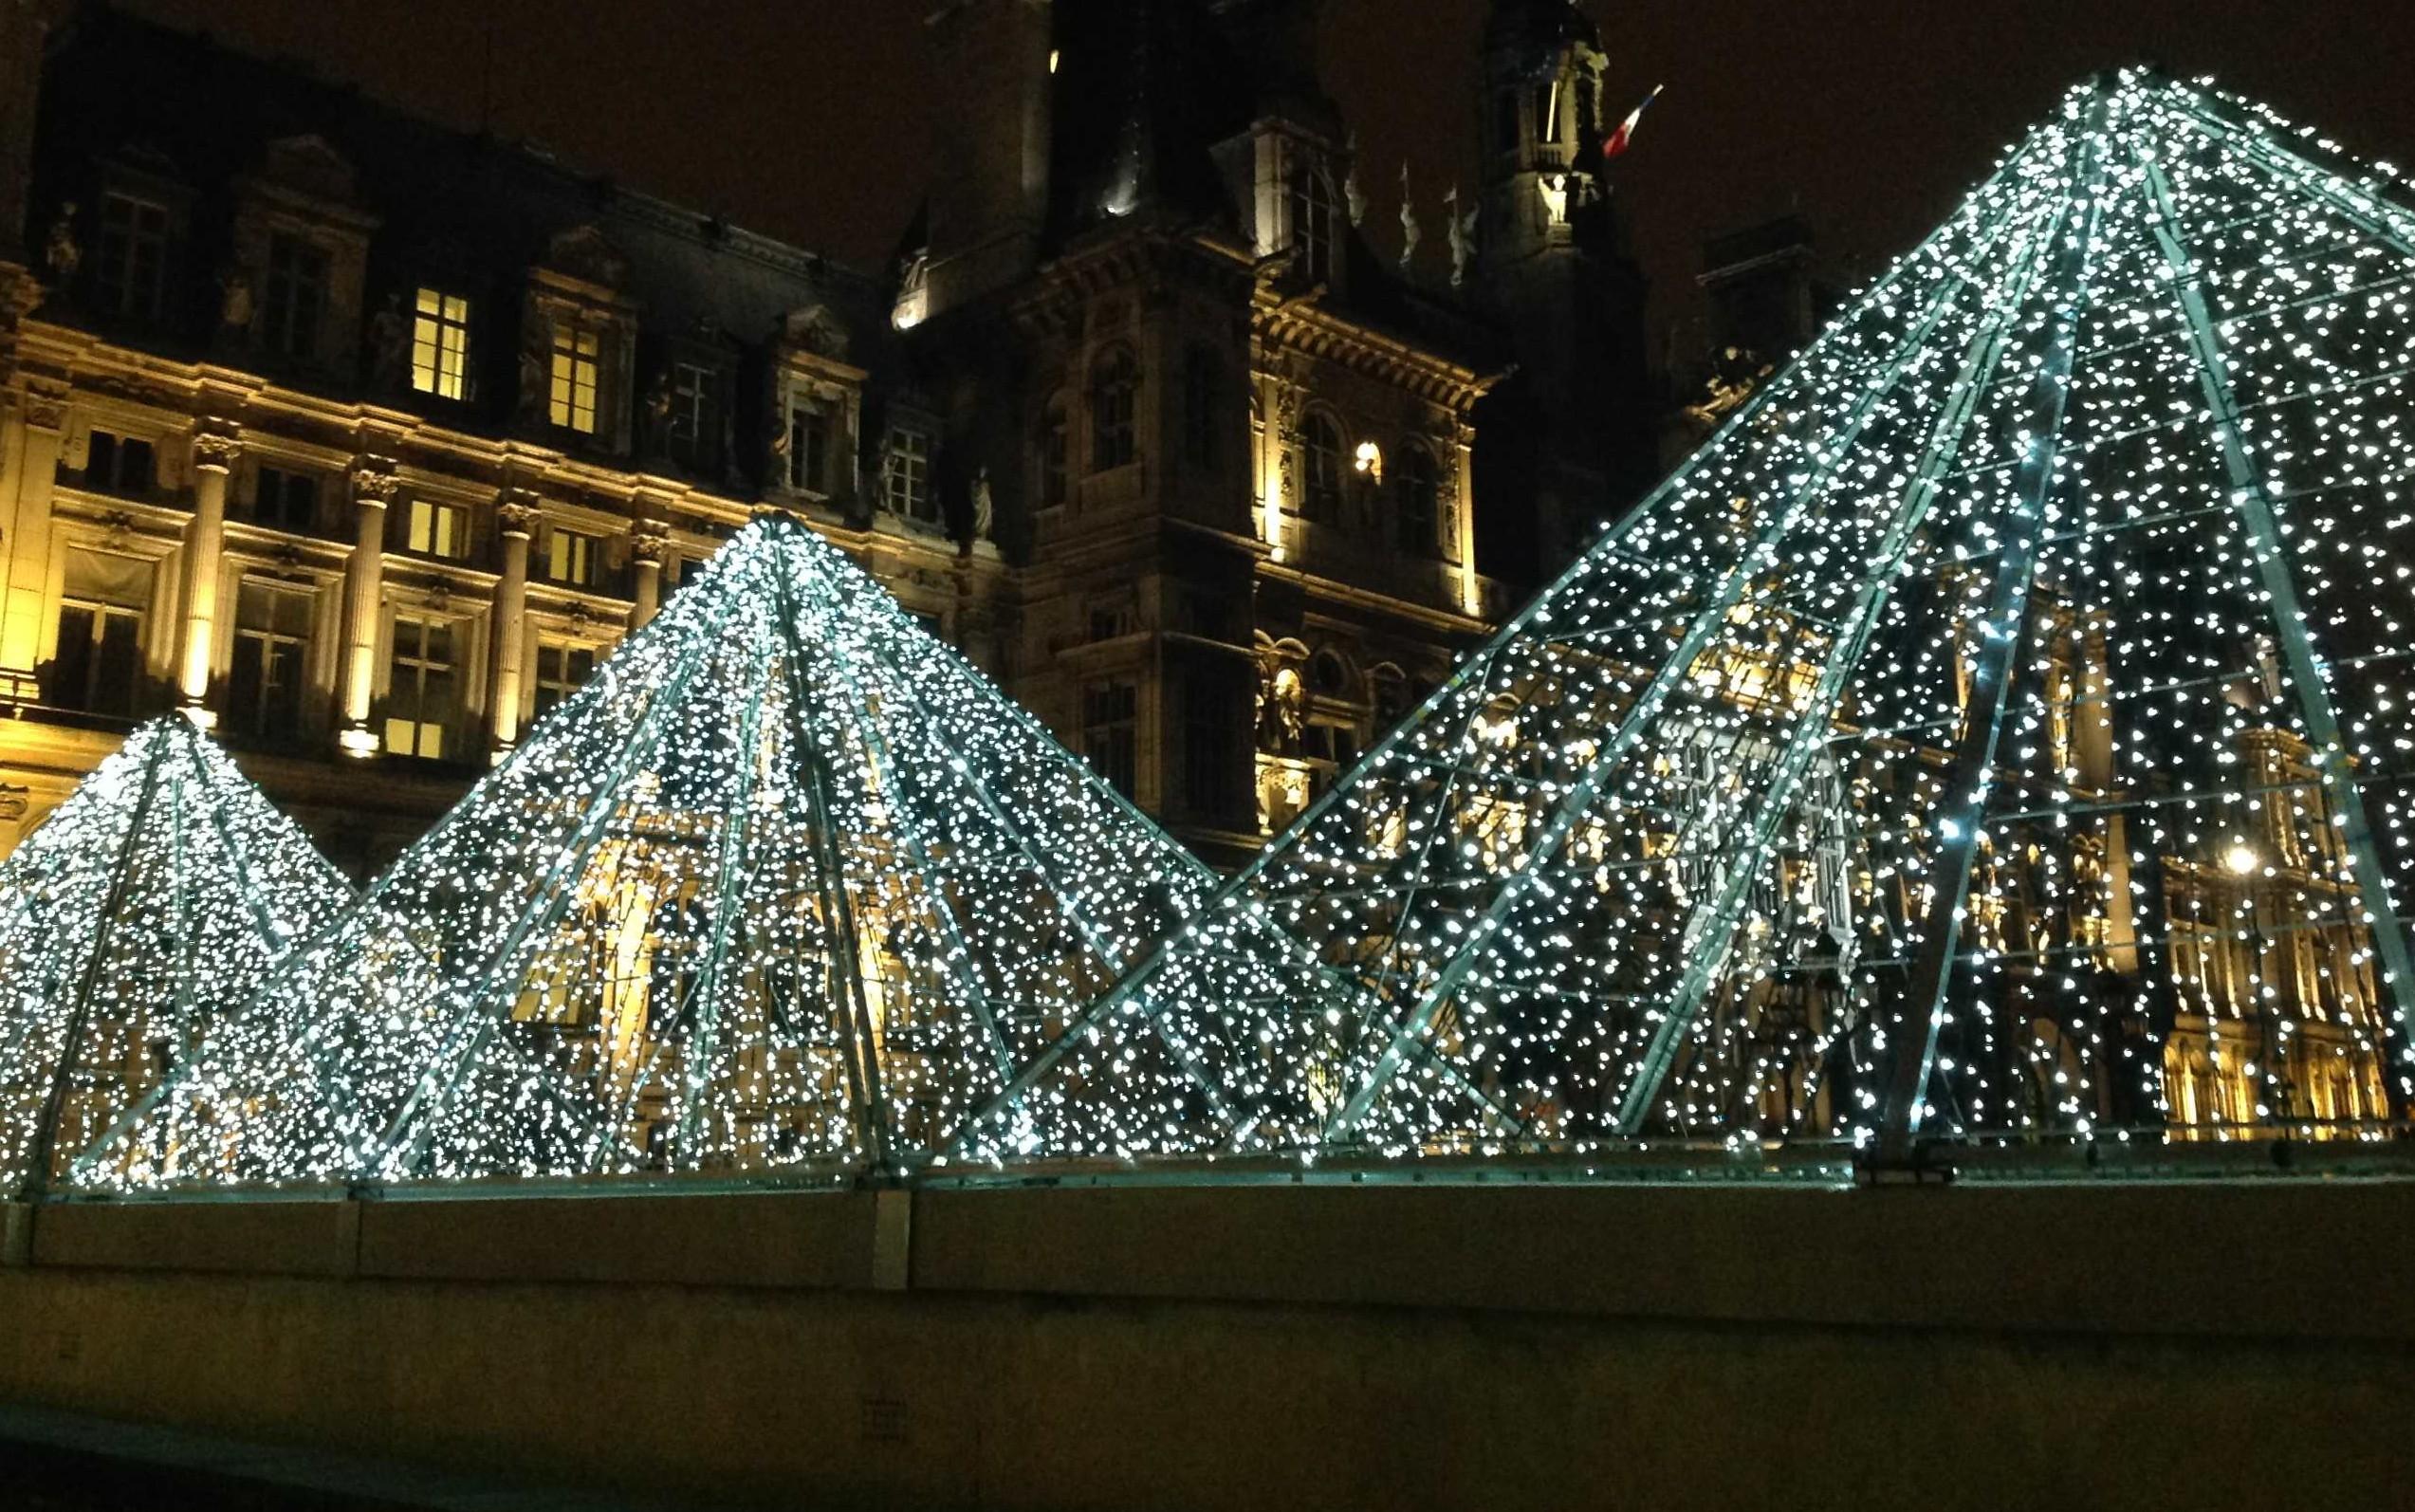 Quando Mettono Le Luci Di Natale A Parigi.Triestini Nel Mondo Blog Finegil